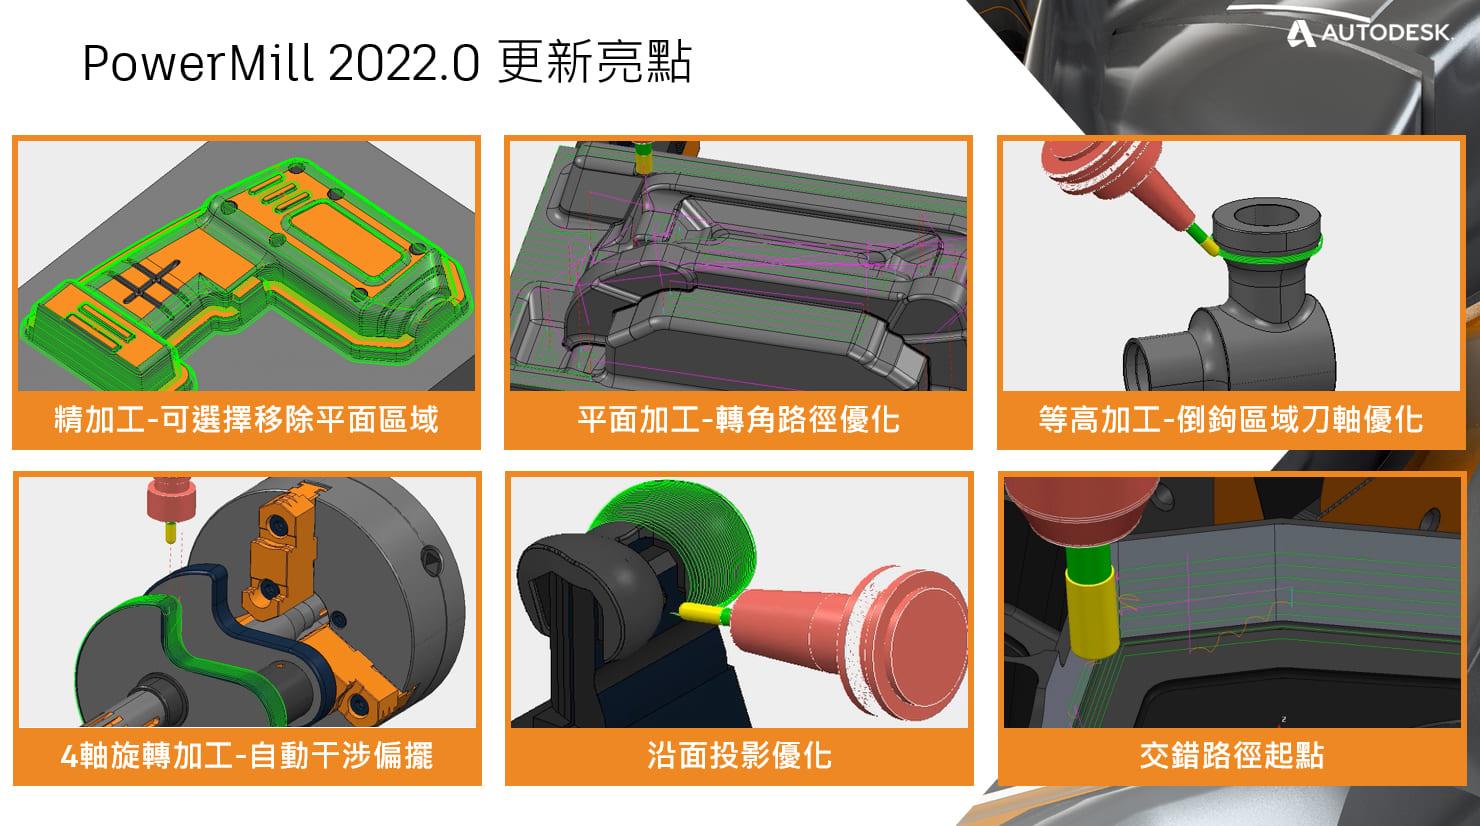 PowerMILL 2022 更新亮點